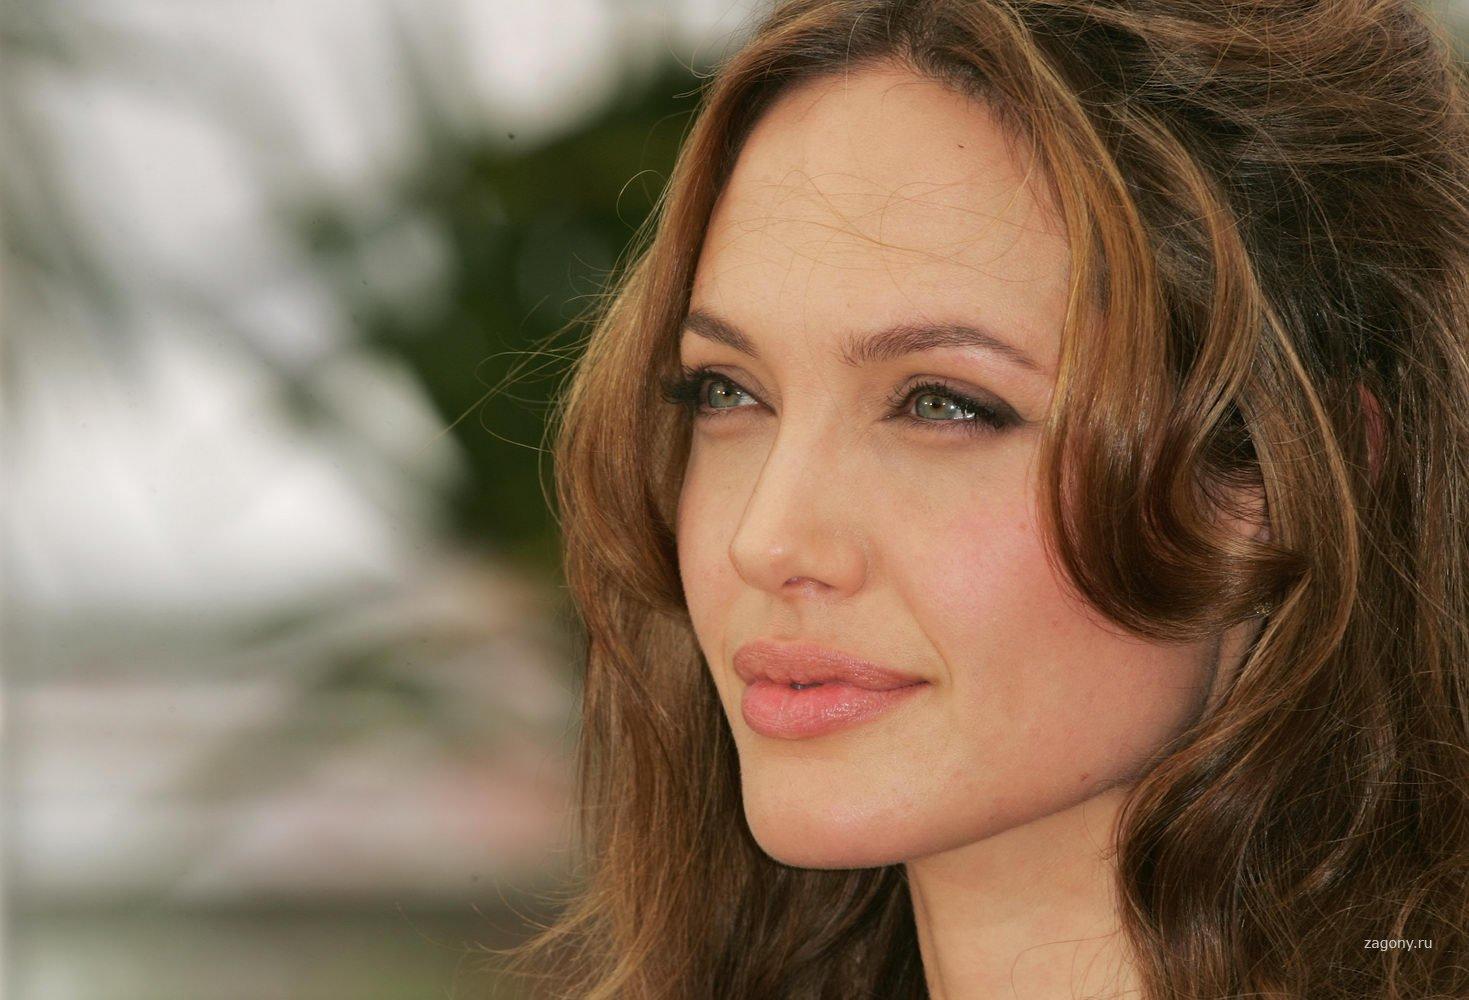 1236065018 5 - Анджелина Джоли